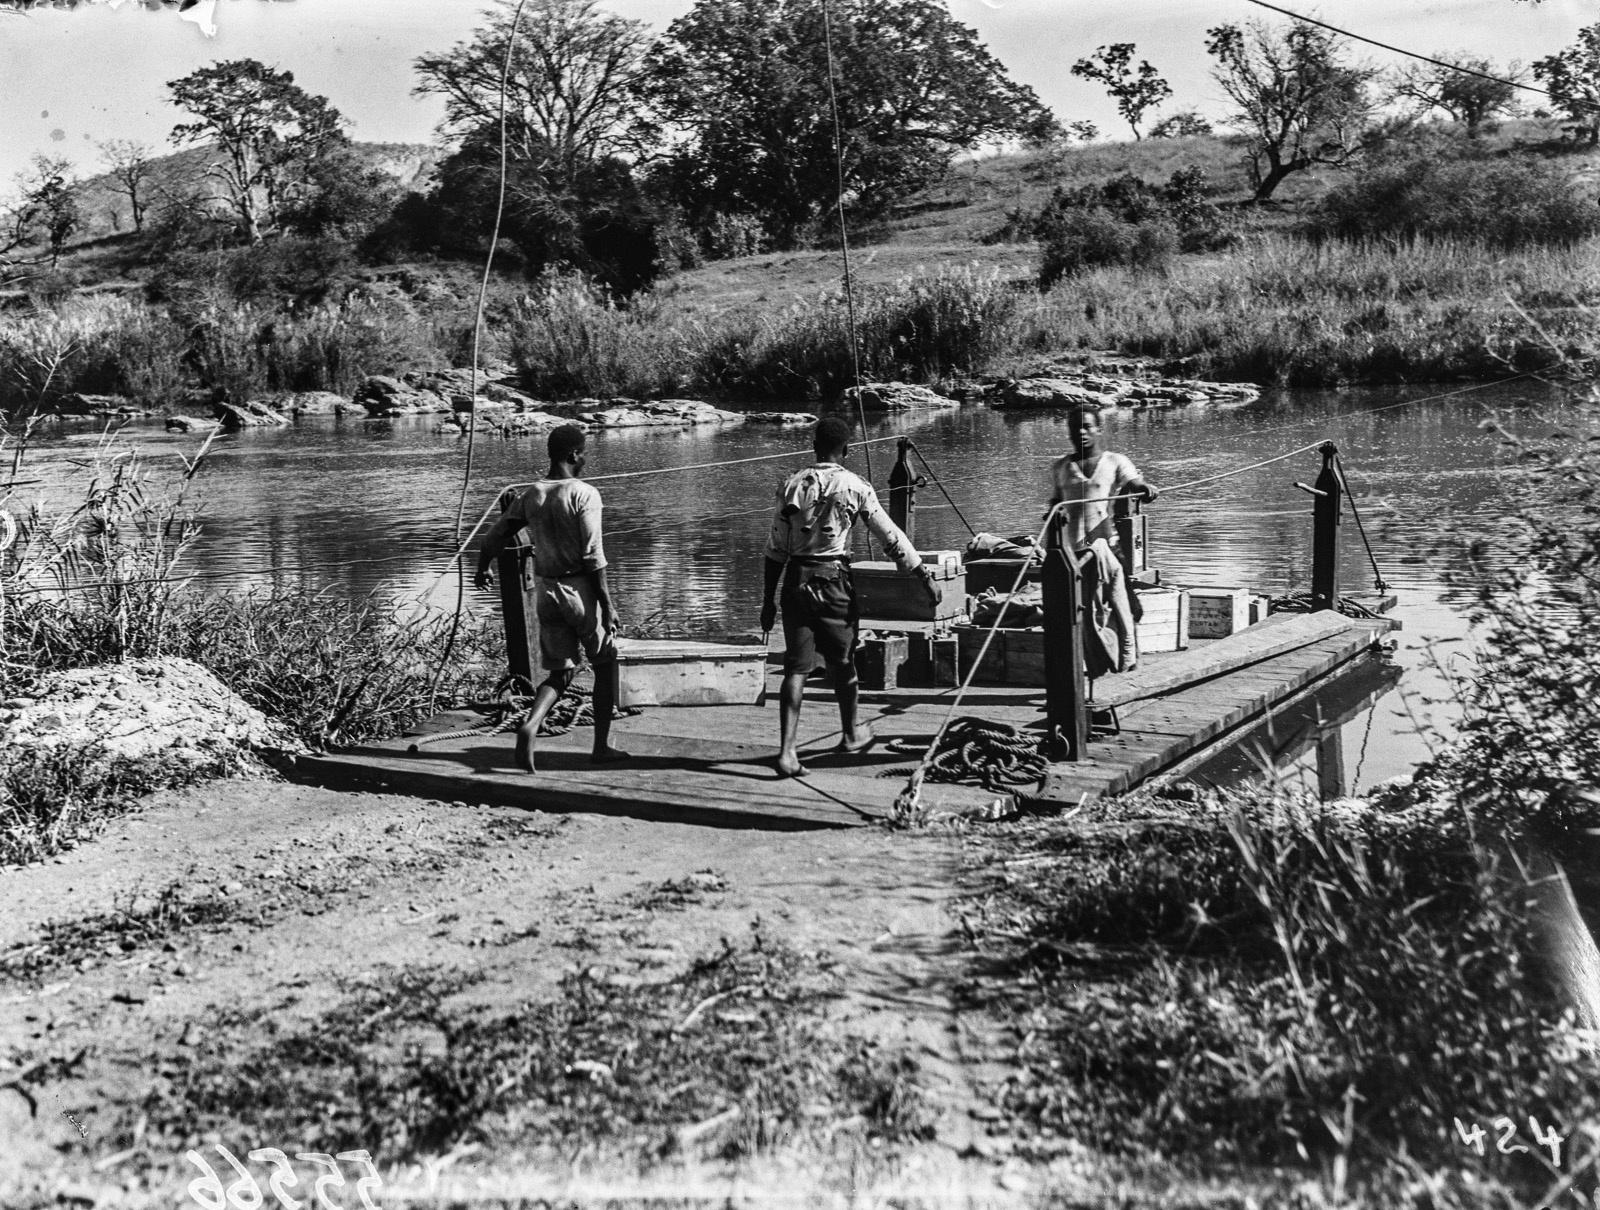 Малалане. Реакционный паром, используемый для перевозки через реку. Погрузка вещей экспедиции